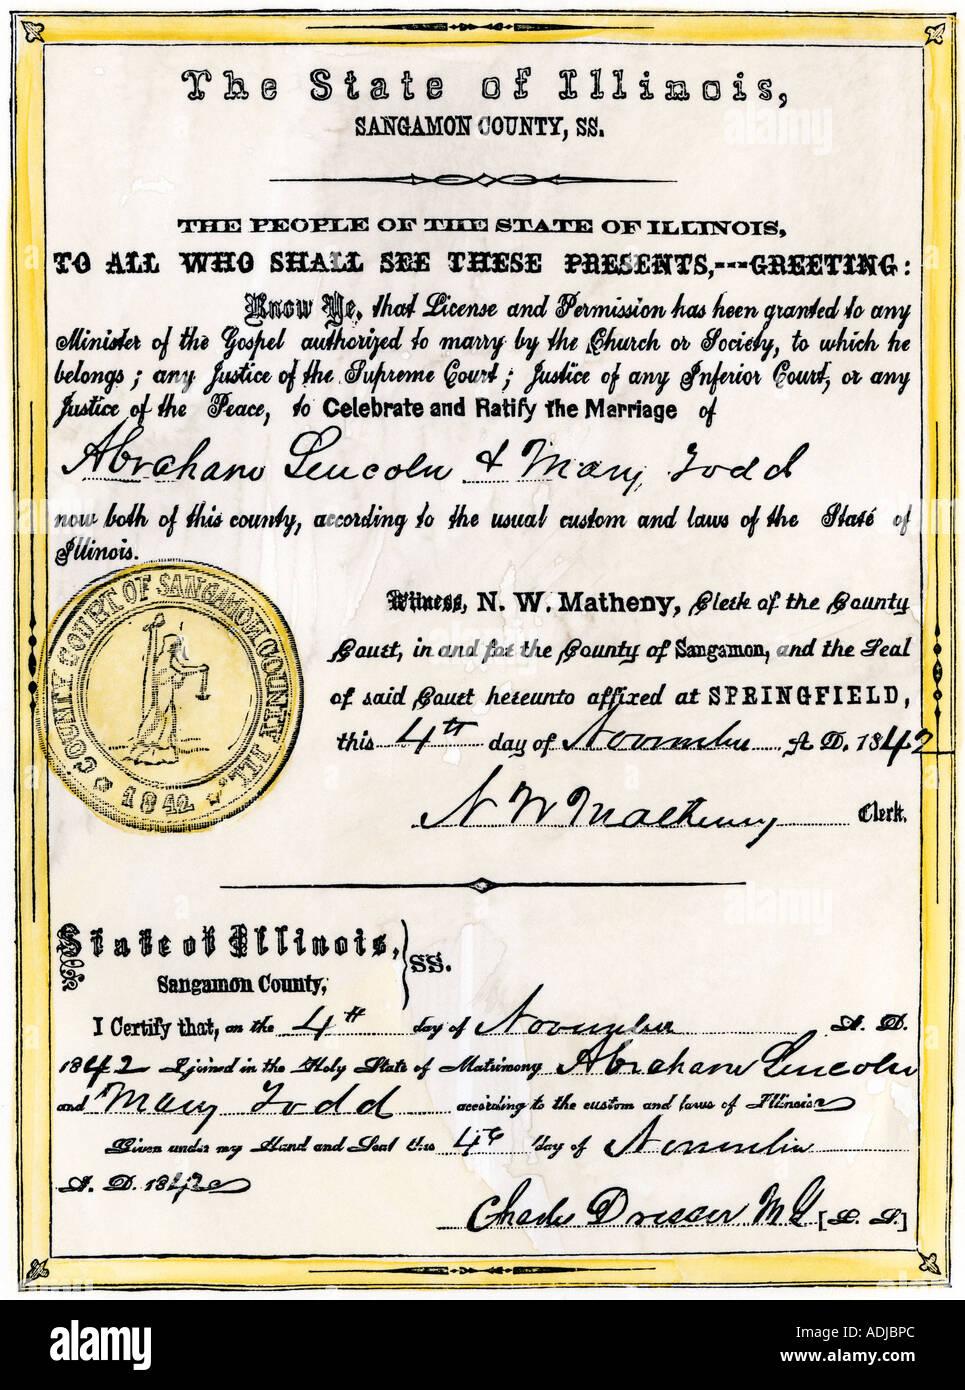 Certificado de Matrimonio de Abraham Lincoln y Mary Todd 1842. Xilografía coloreada a mano Imagen De Stock